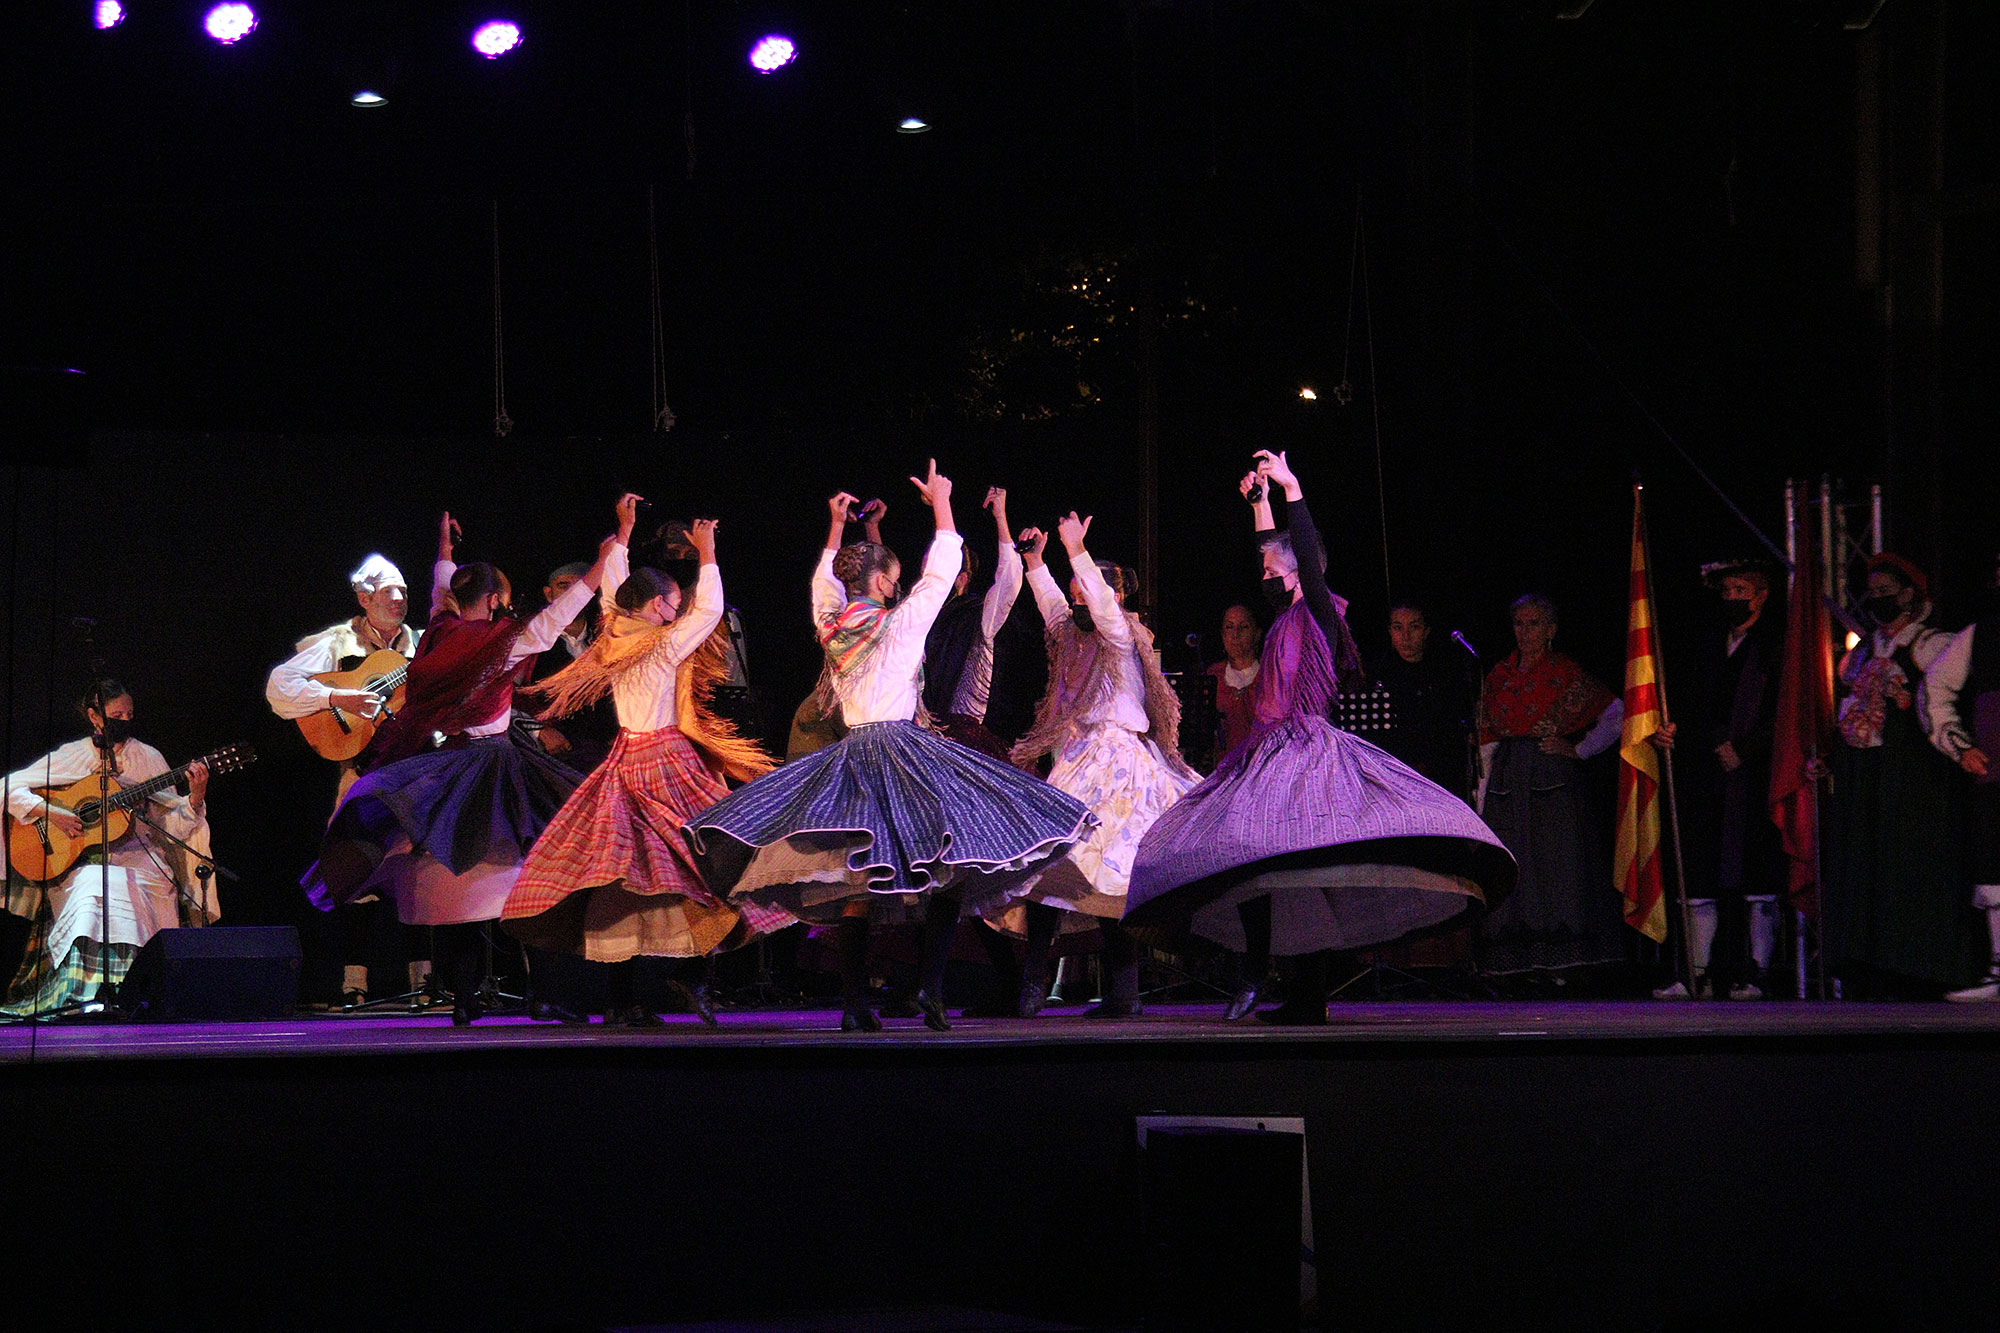 El Festival Folklórico de Jaca afronta su recta final